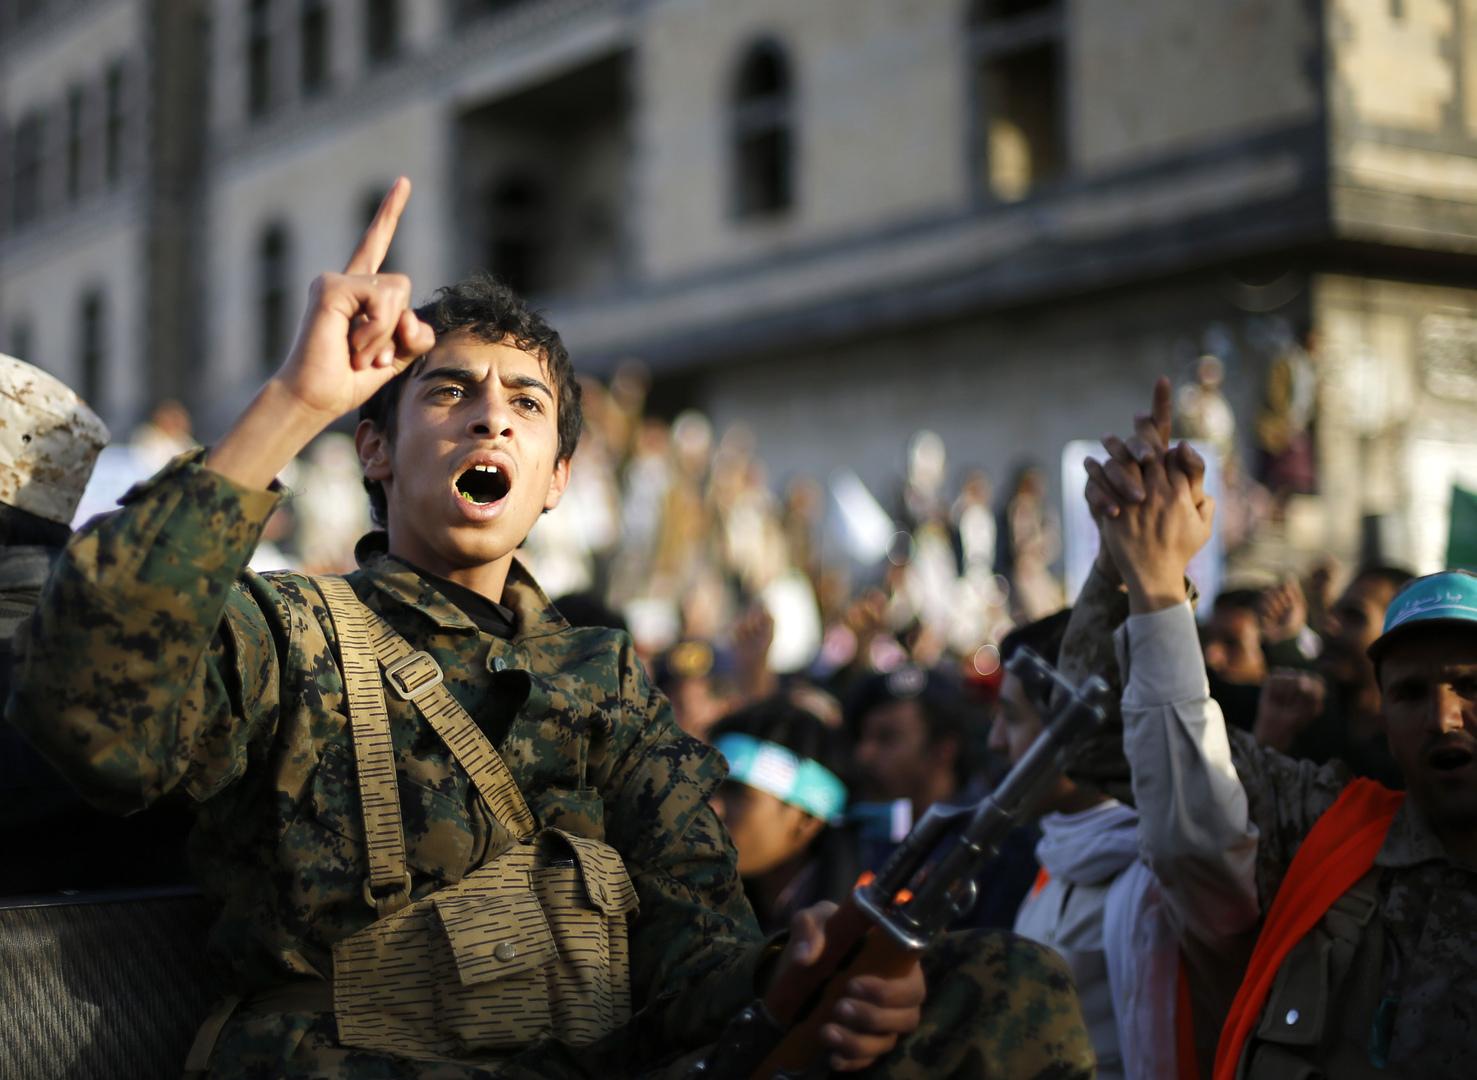 في ظل تقدم الحوثيين في الجوف.. الأمم المتحدة تدعو لإبعاد مأرب عن دائرة القتال